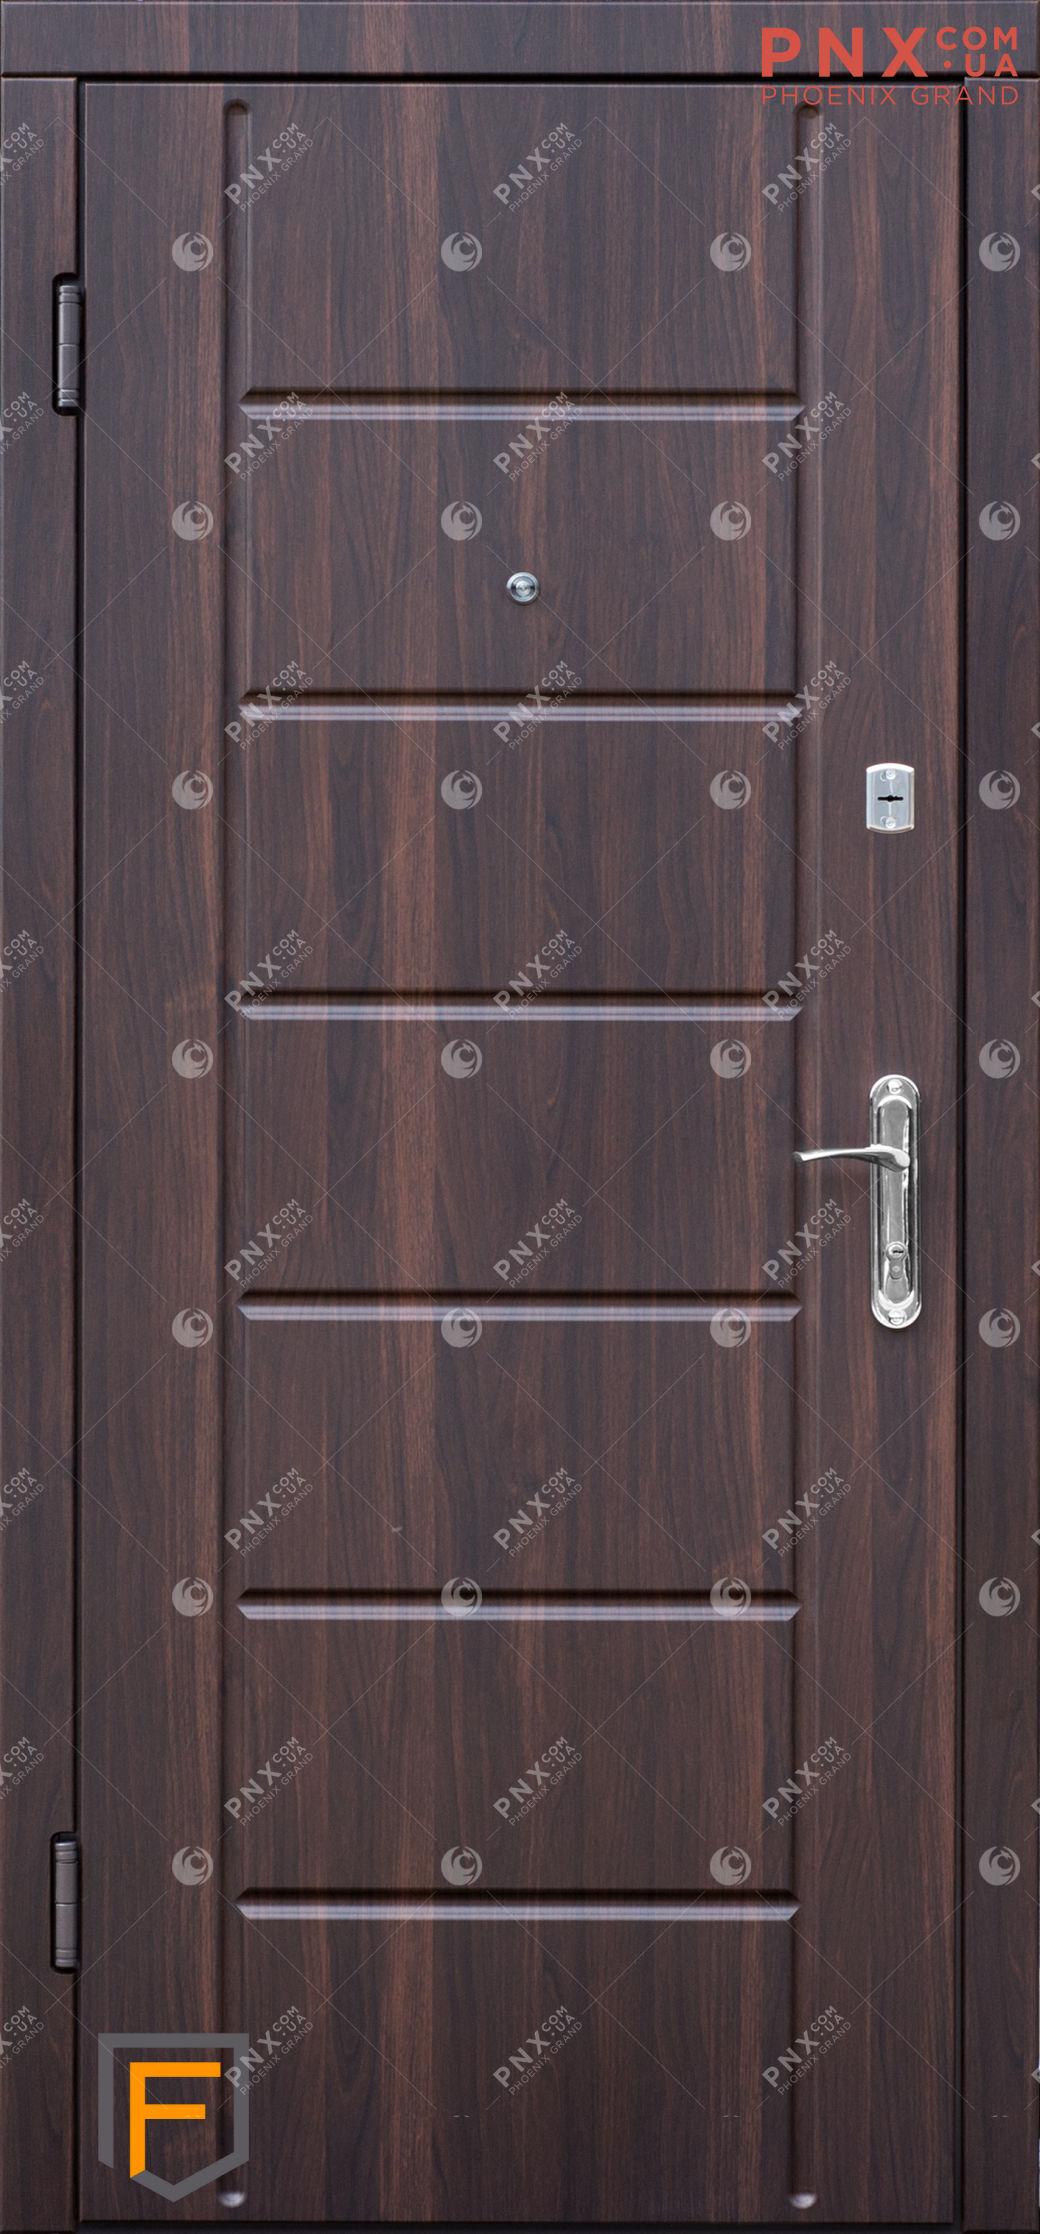 Входная дверь Форт Нокс, Сити,мдф/мдф Орех мореный DG-36/Орех мореный DG-36